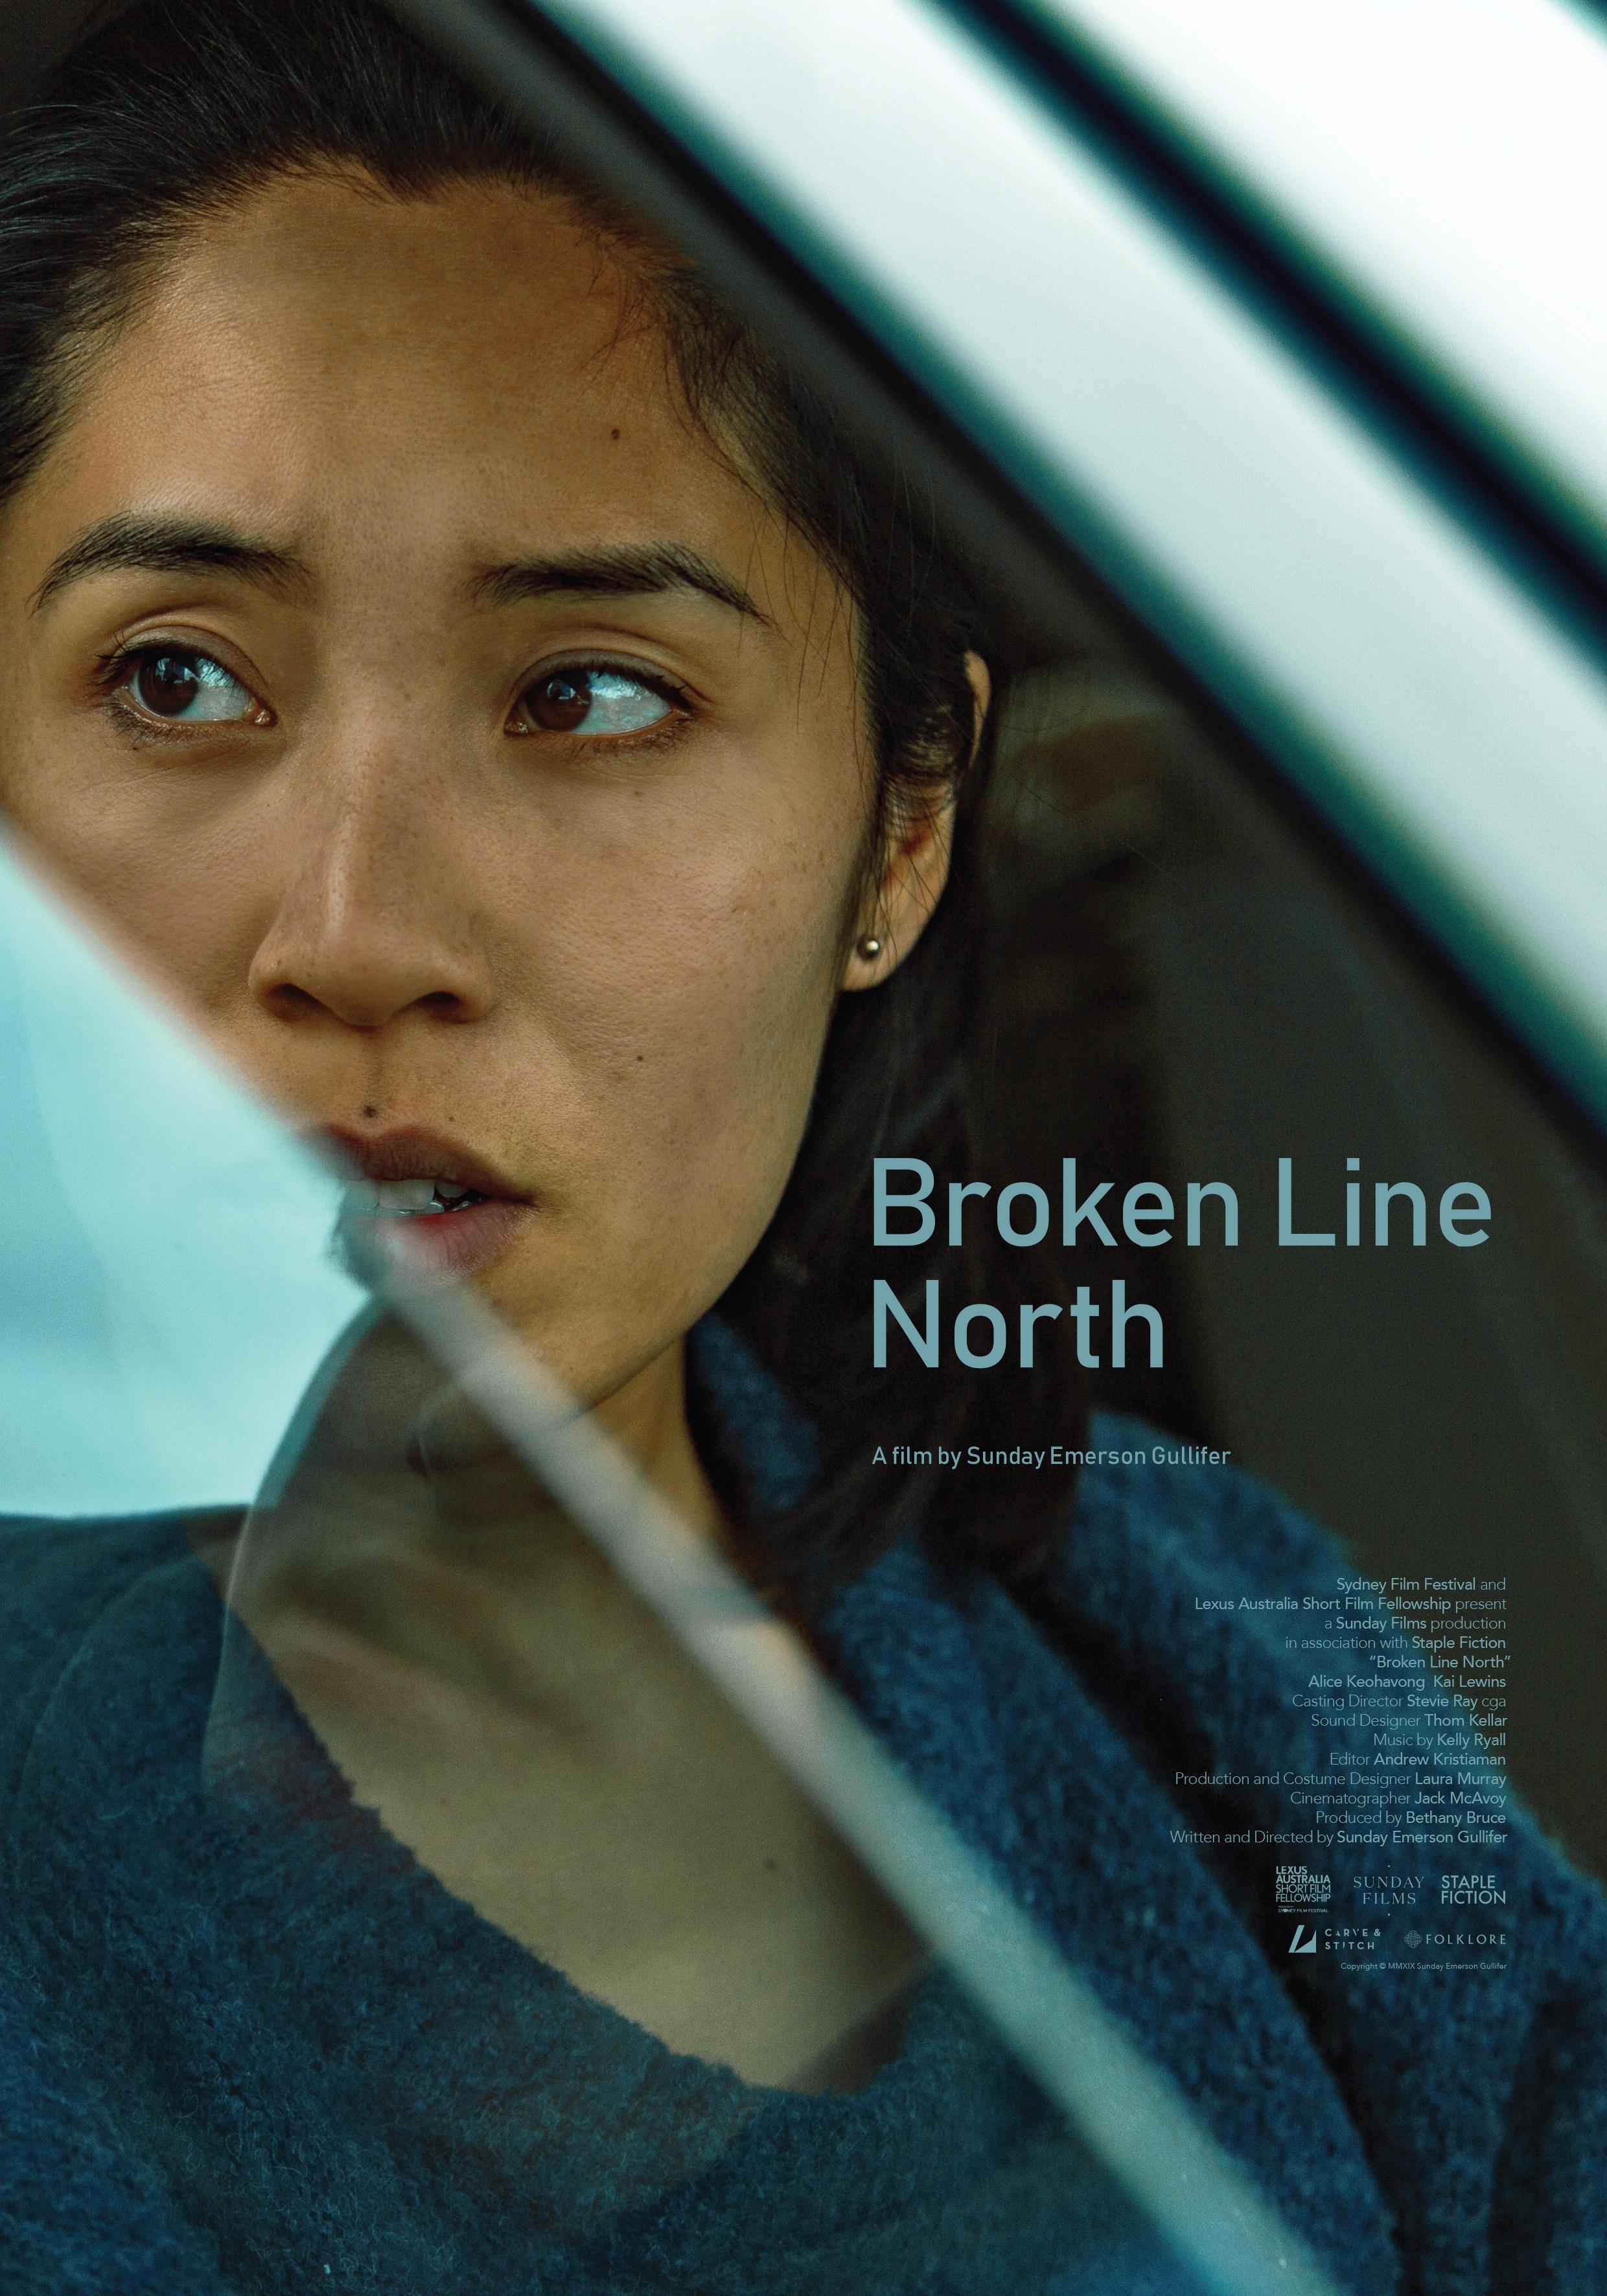 BrokenLineNorth_Poster_A4.jpg